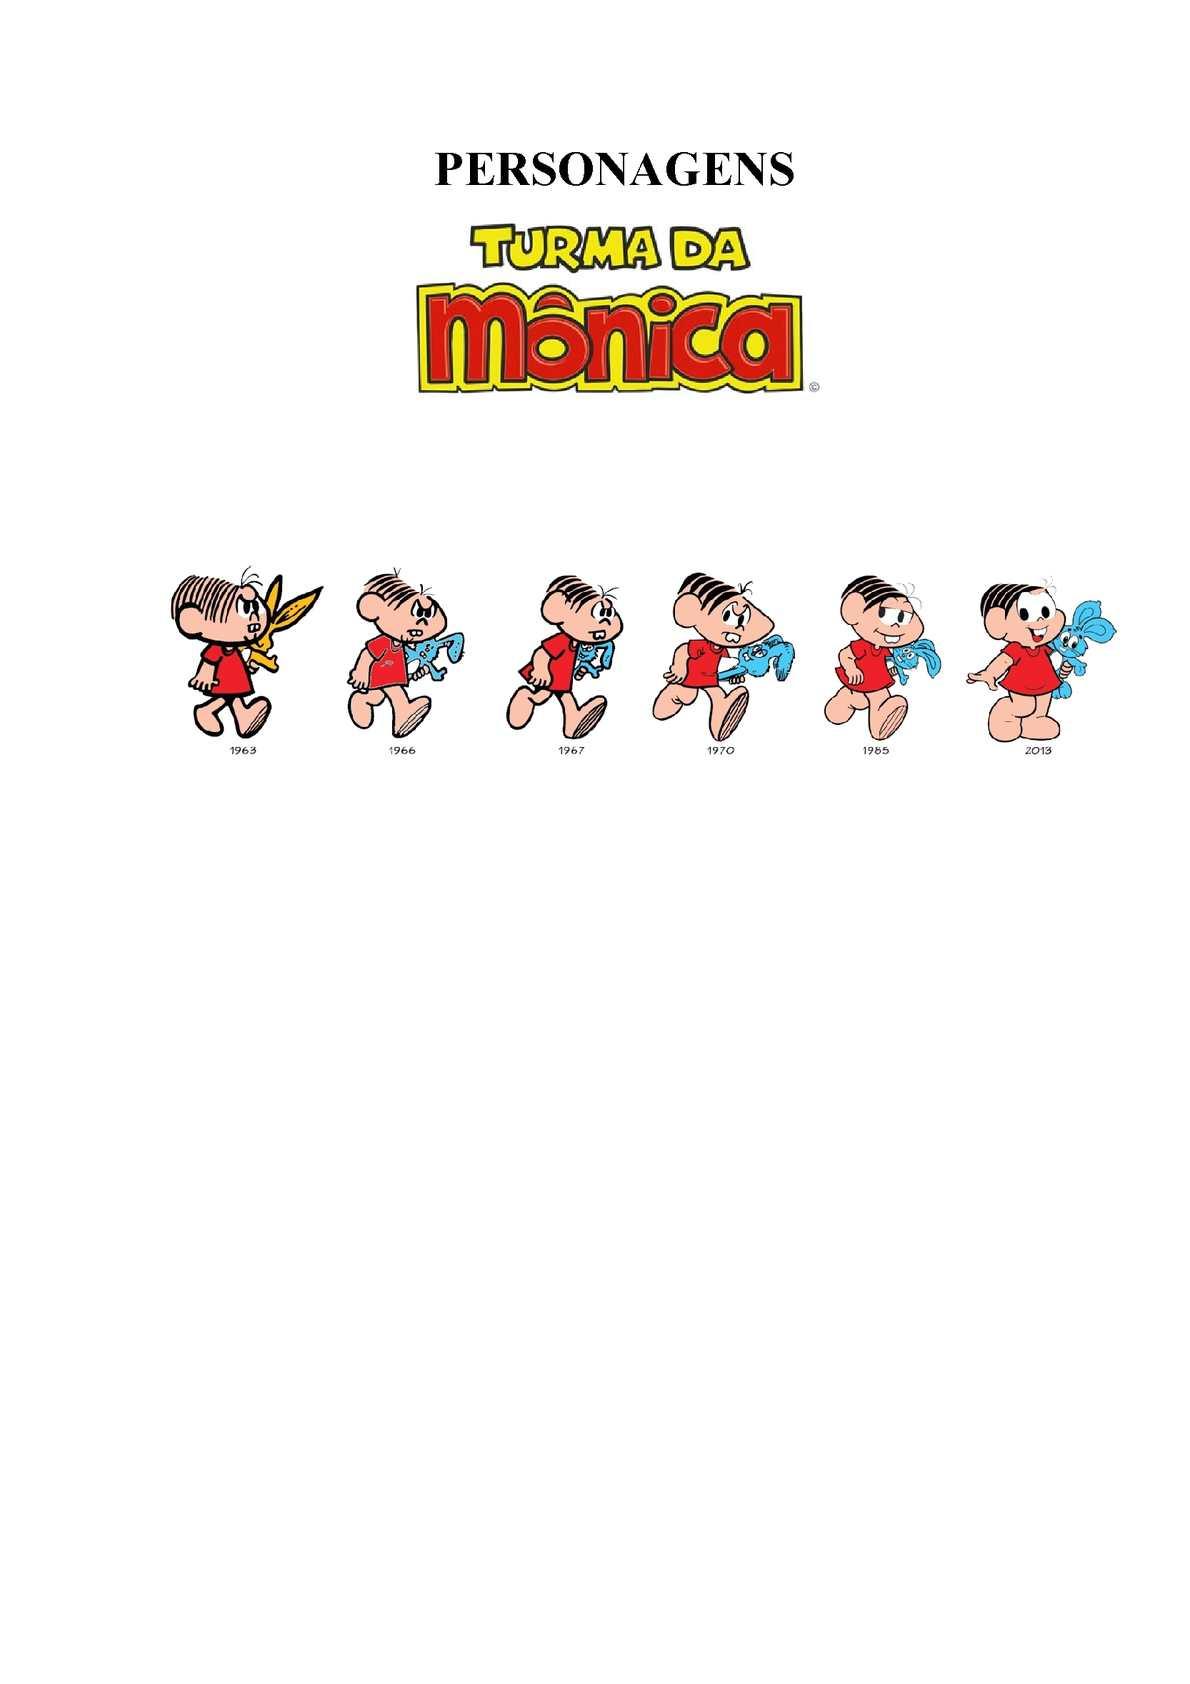 Turma da Mônica - Personagens